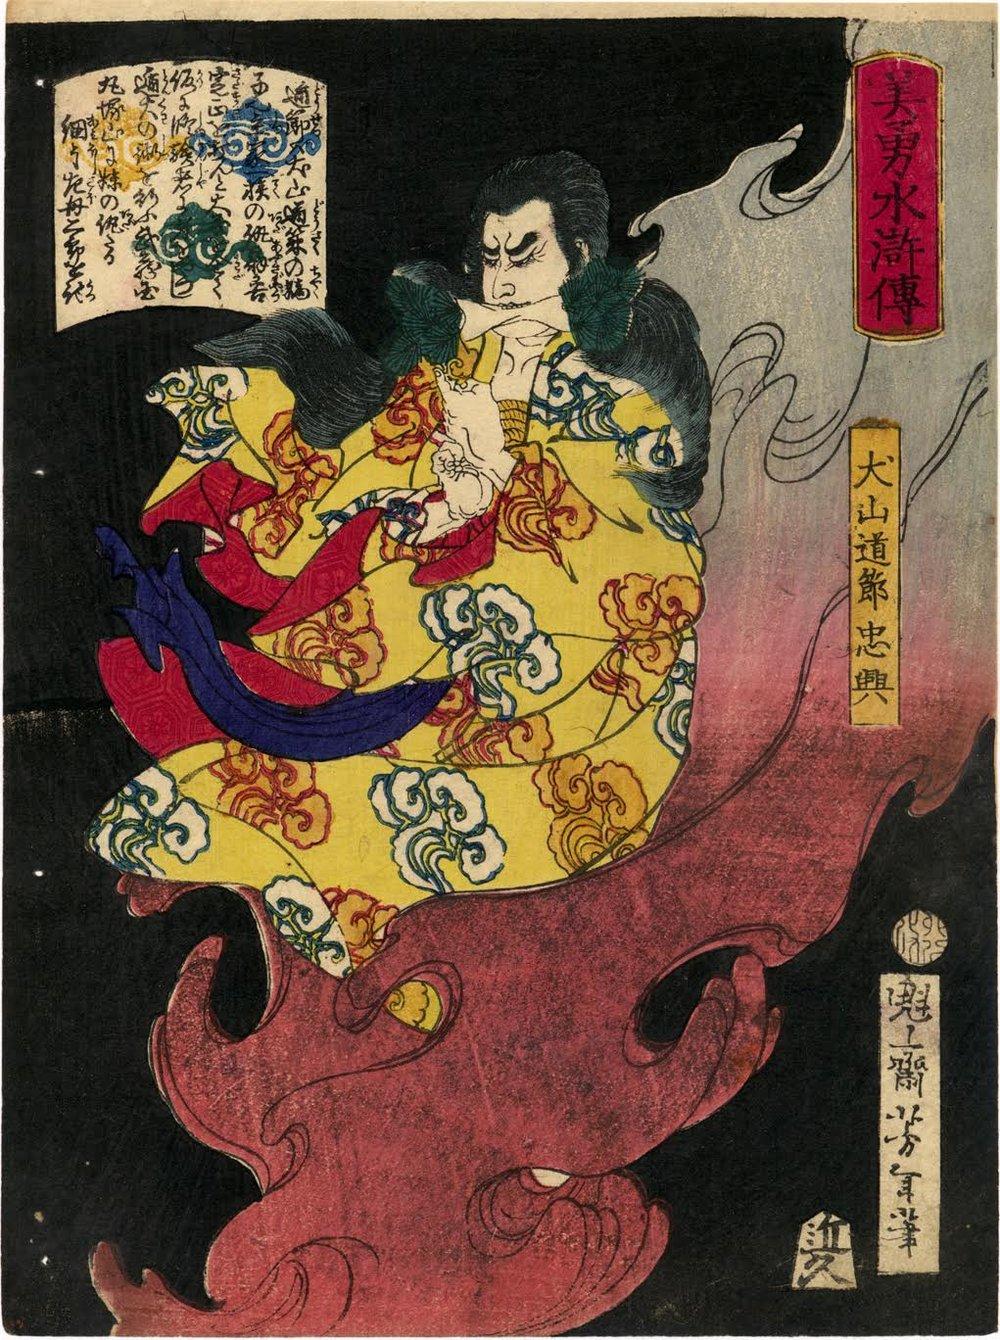 Tsukioka Yoshitoshi, Inuyama Doetsu Flying, 1867. $295